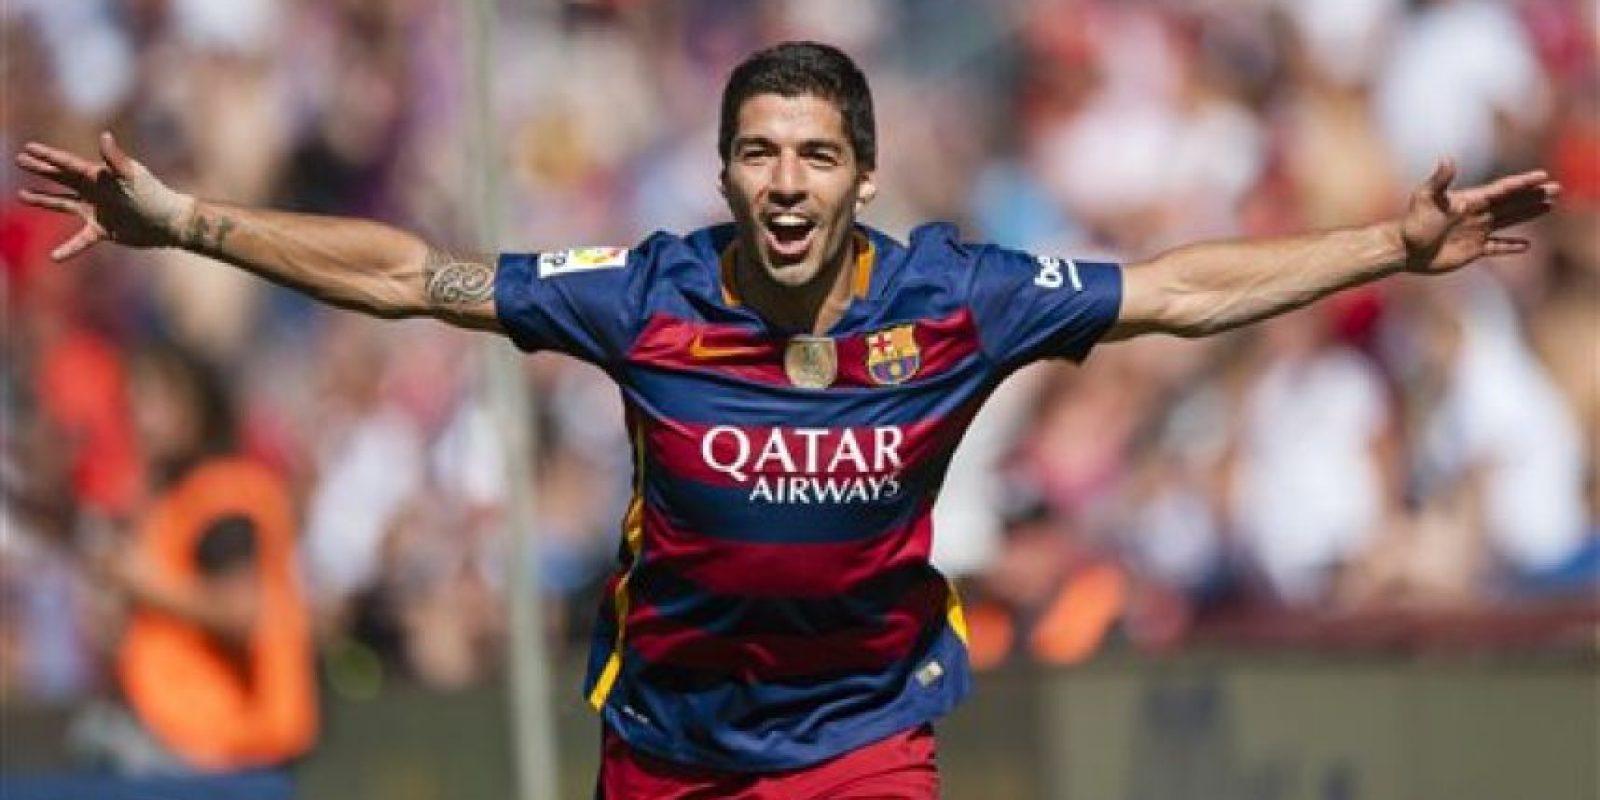 Luis Suárez le dio el triunfo al equipo azulgrana. Foto:AP. Imagen Por: